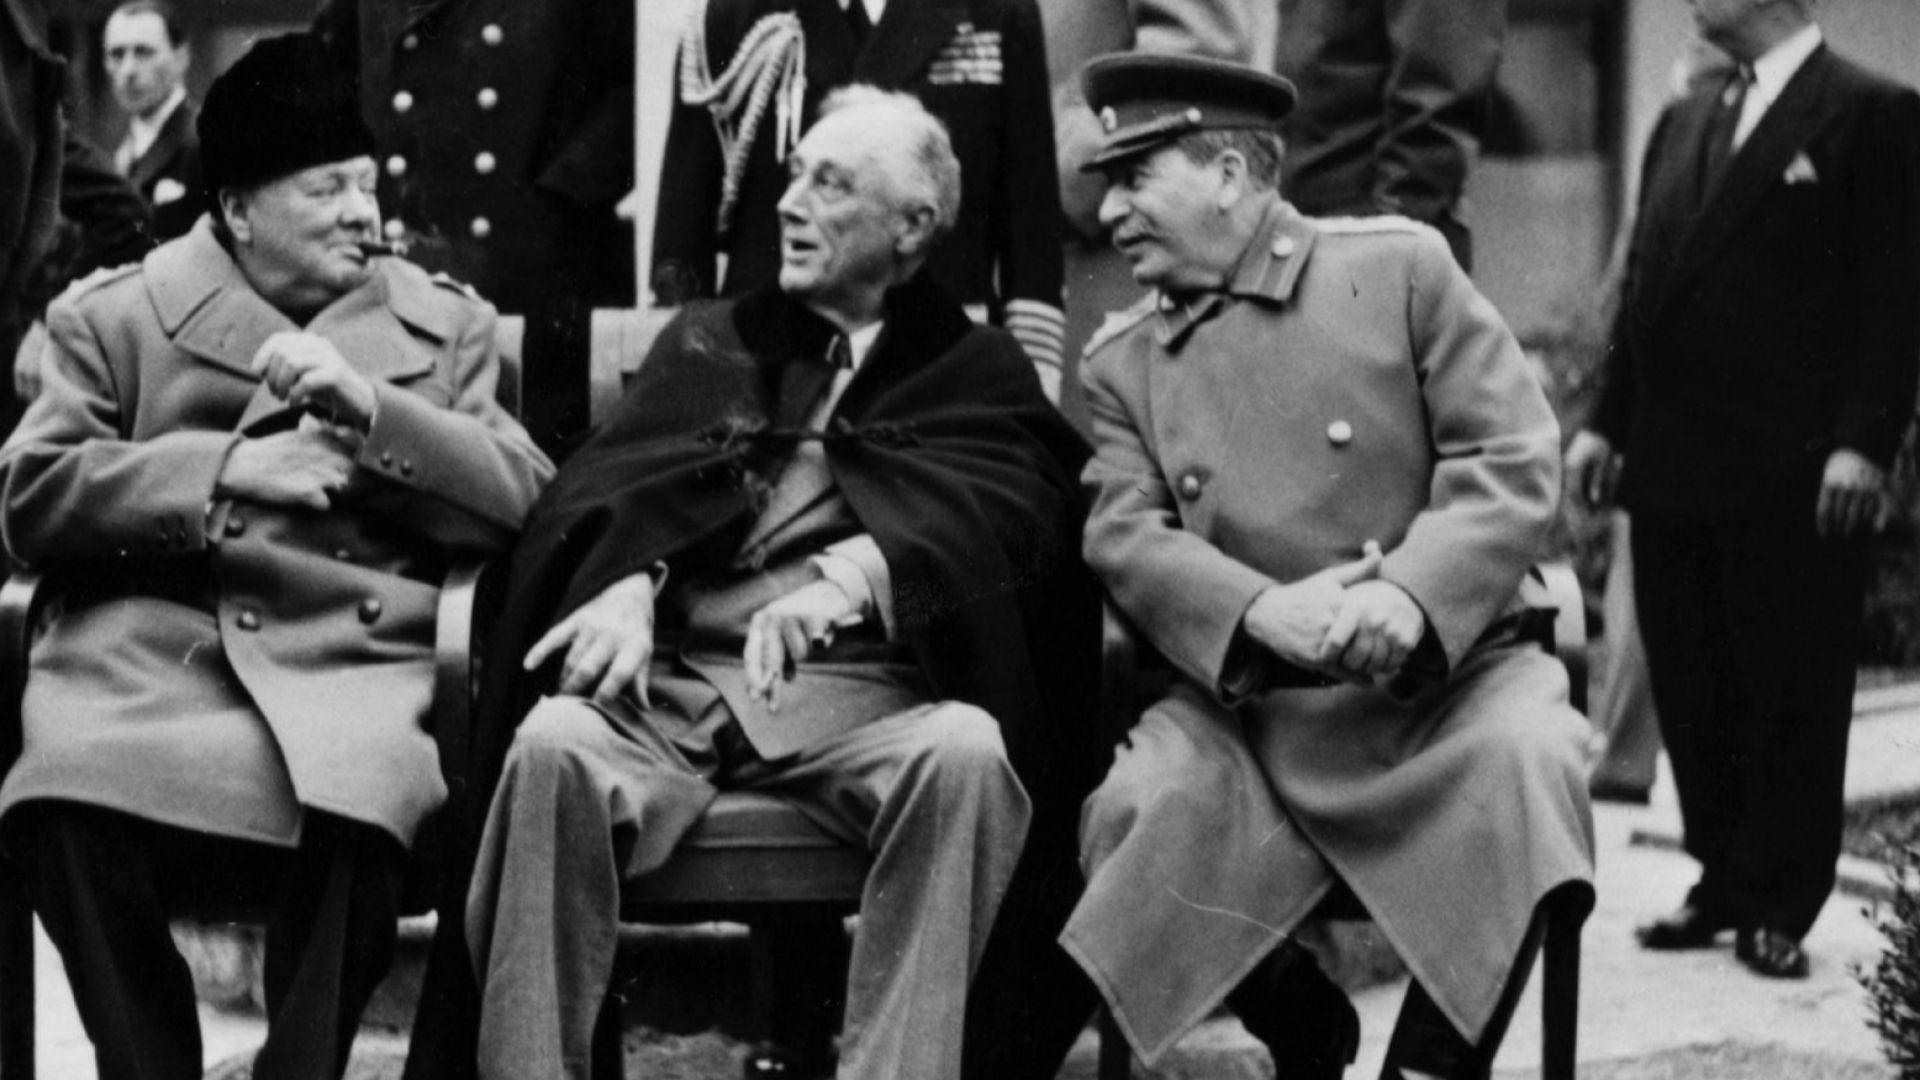 През февруари 1945 г., когато се очертава вече победа над